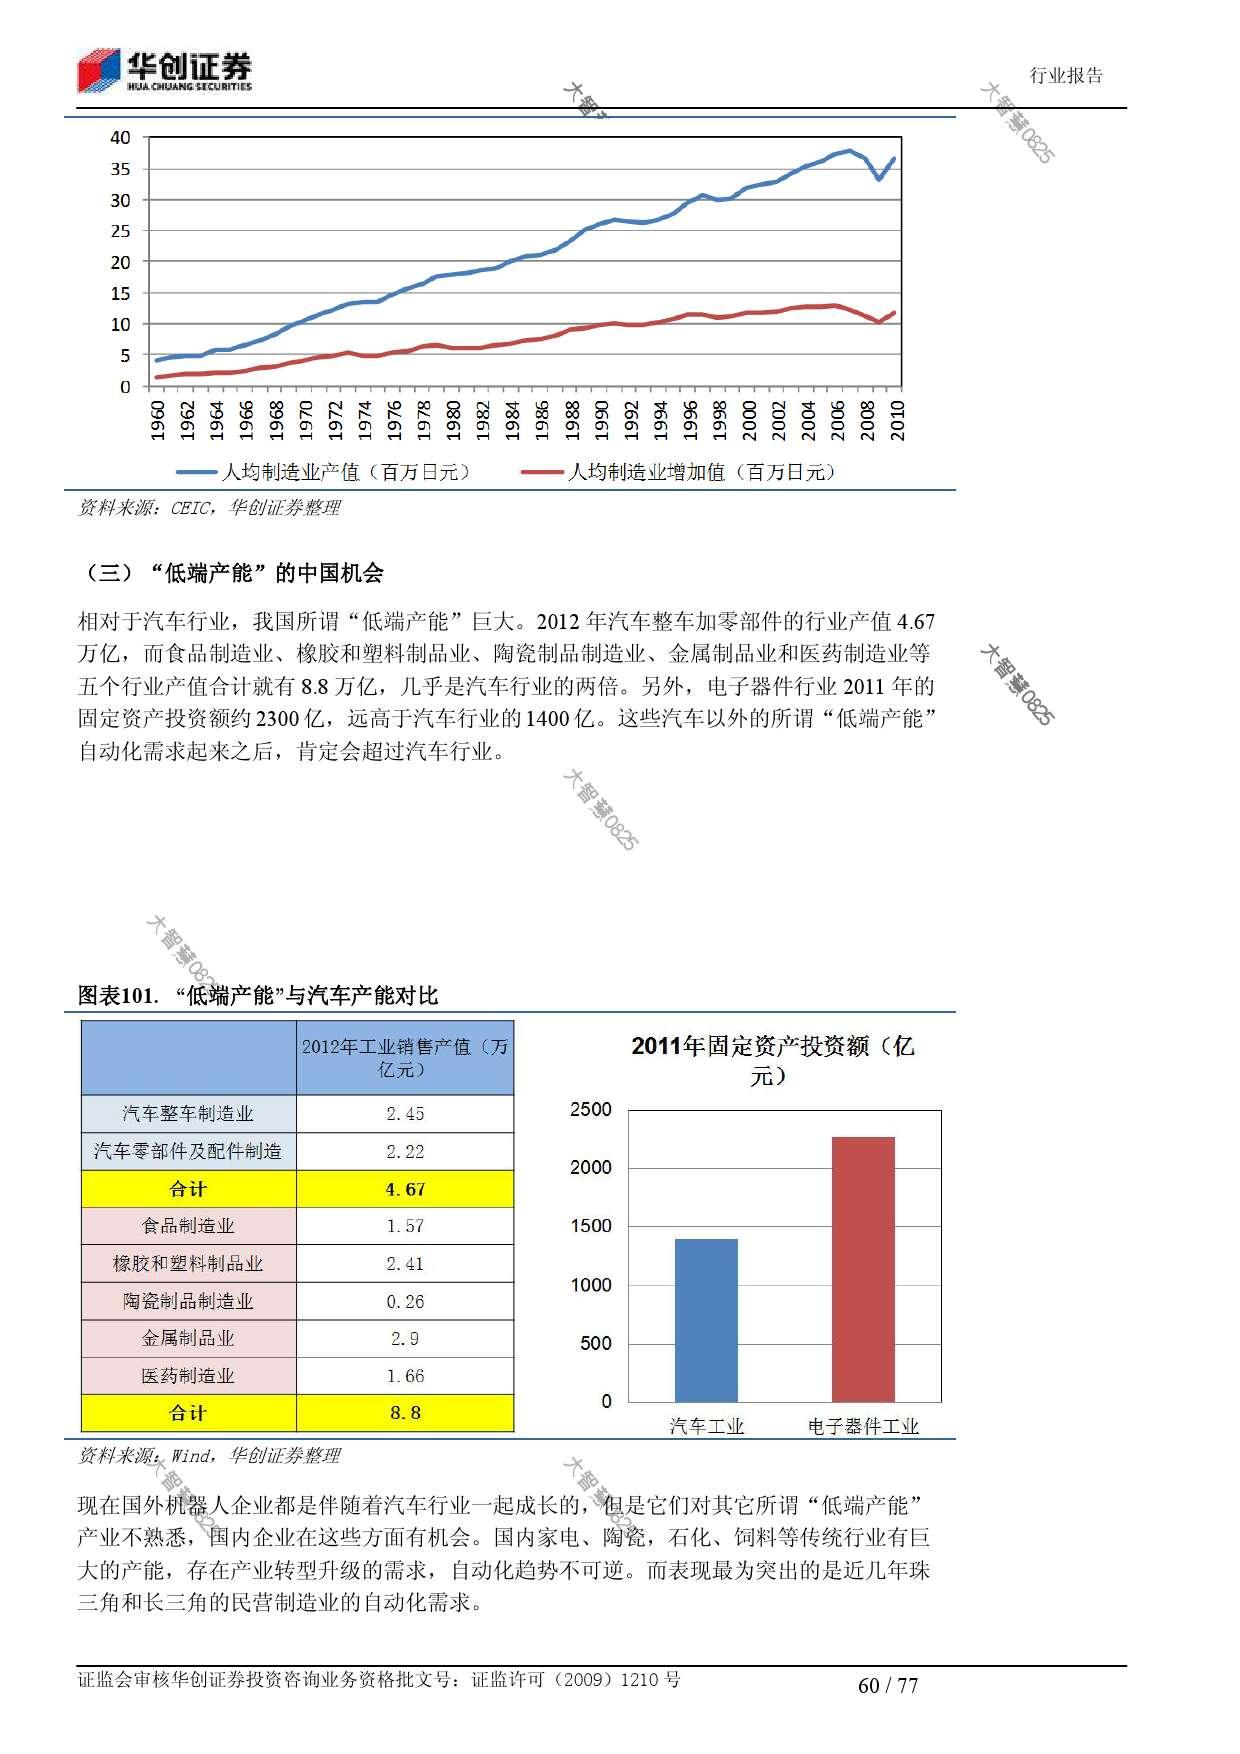 行业研究_华创证券_刘国清,鲁佩_机械设备:机器人大趋势_2014021_000060